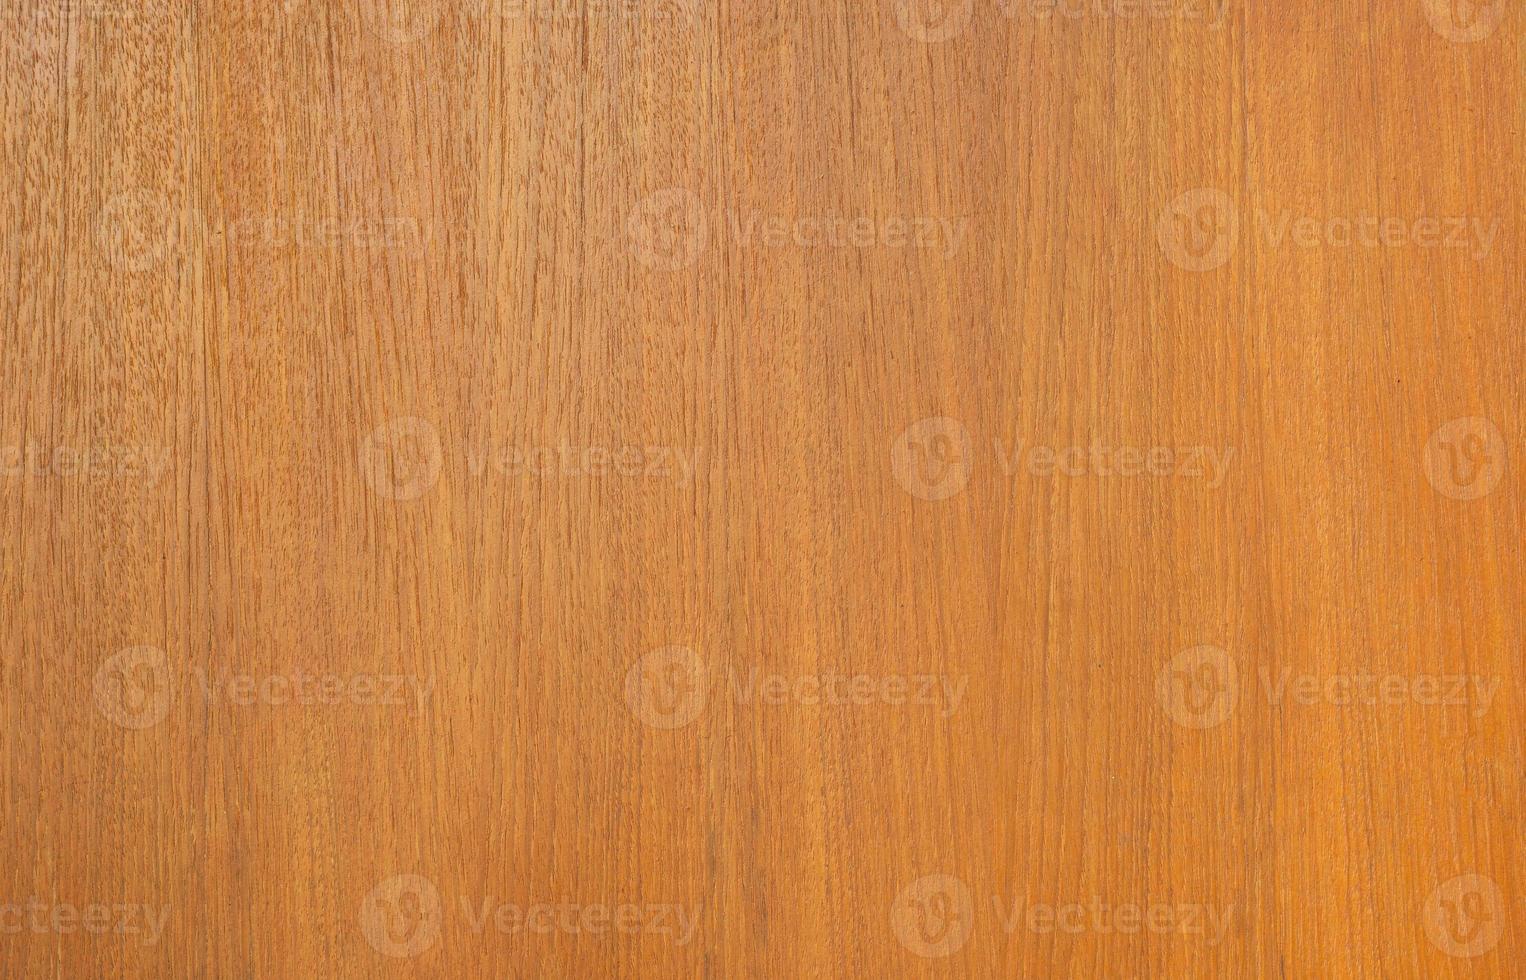 High resolution clean natural woodgrain texture photo